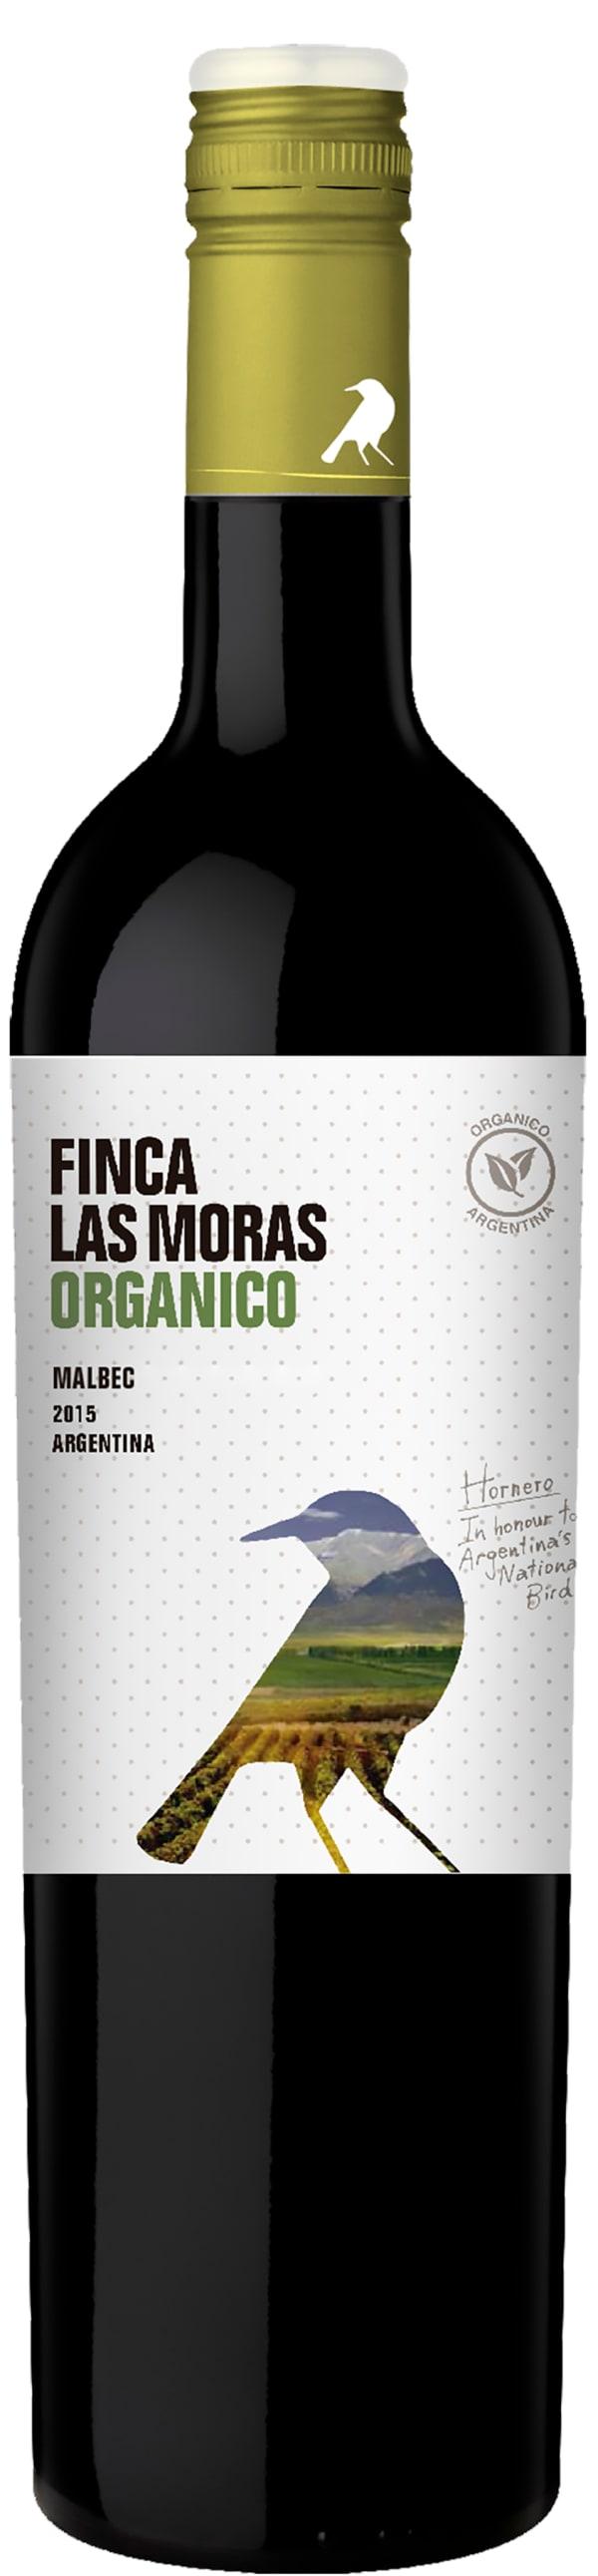 Finca Las Moras Organico Malbec 2017